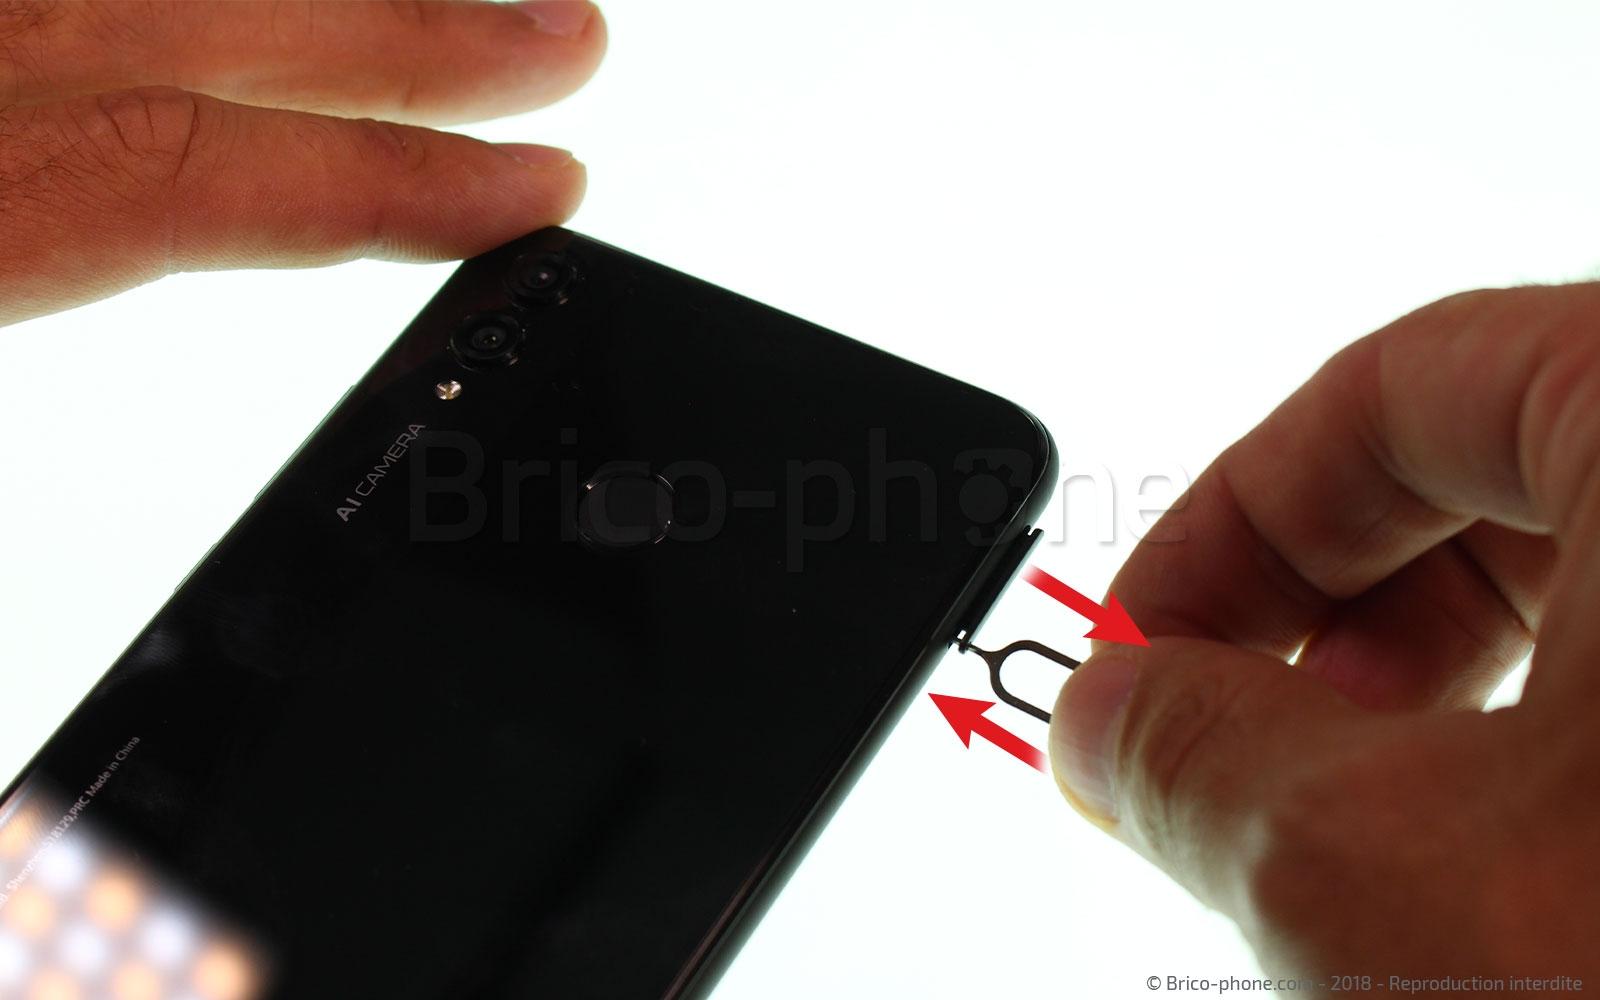 Etape 1 : Eteindre le smartphone et retirer le rack sim